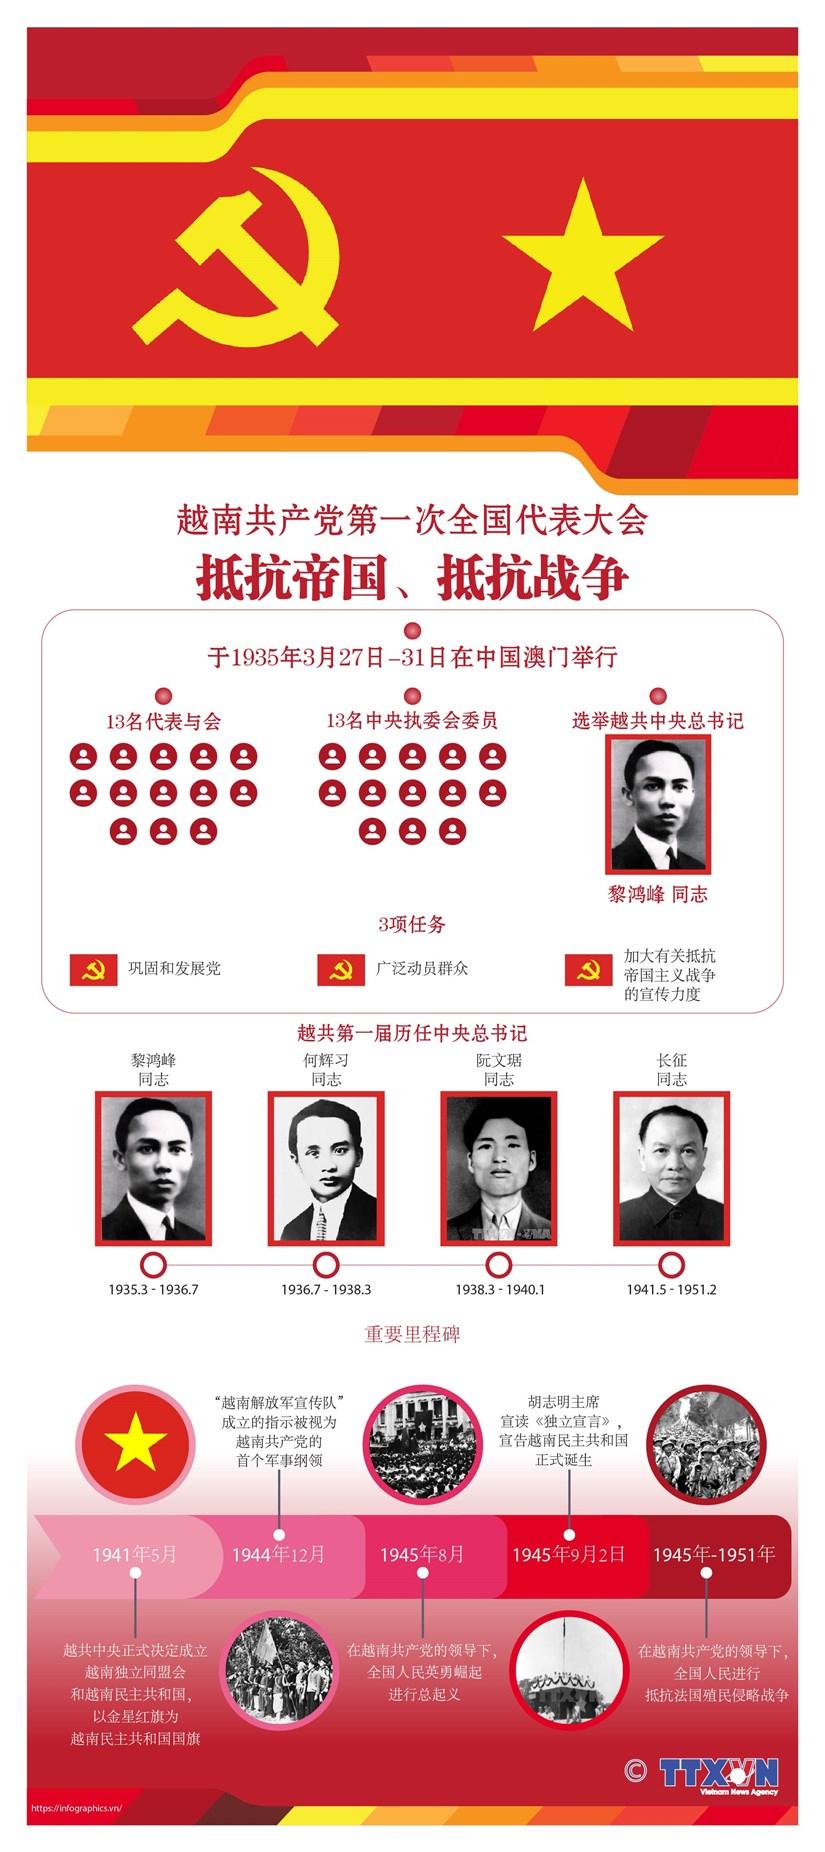 图表新闻:越南共产党第一次全国代表大会:抵抗帝国、抵抗战争 hinh anh 1